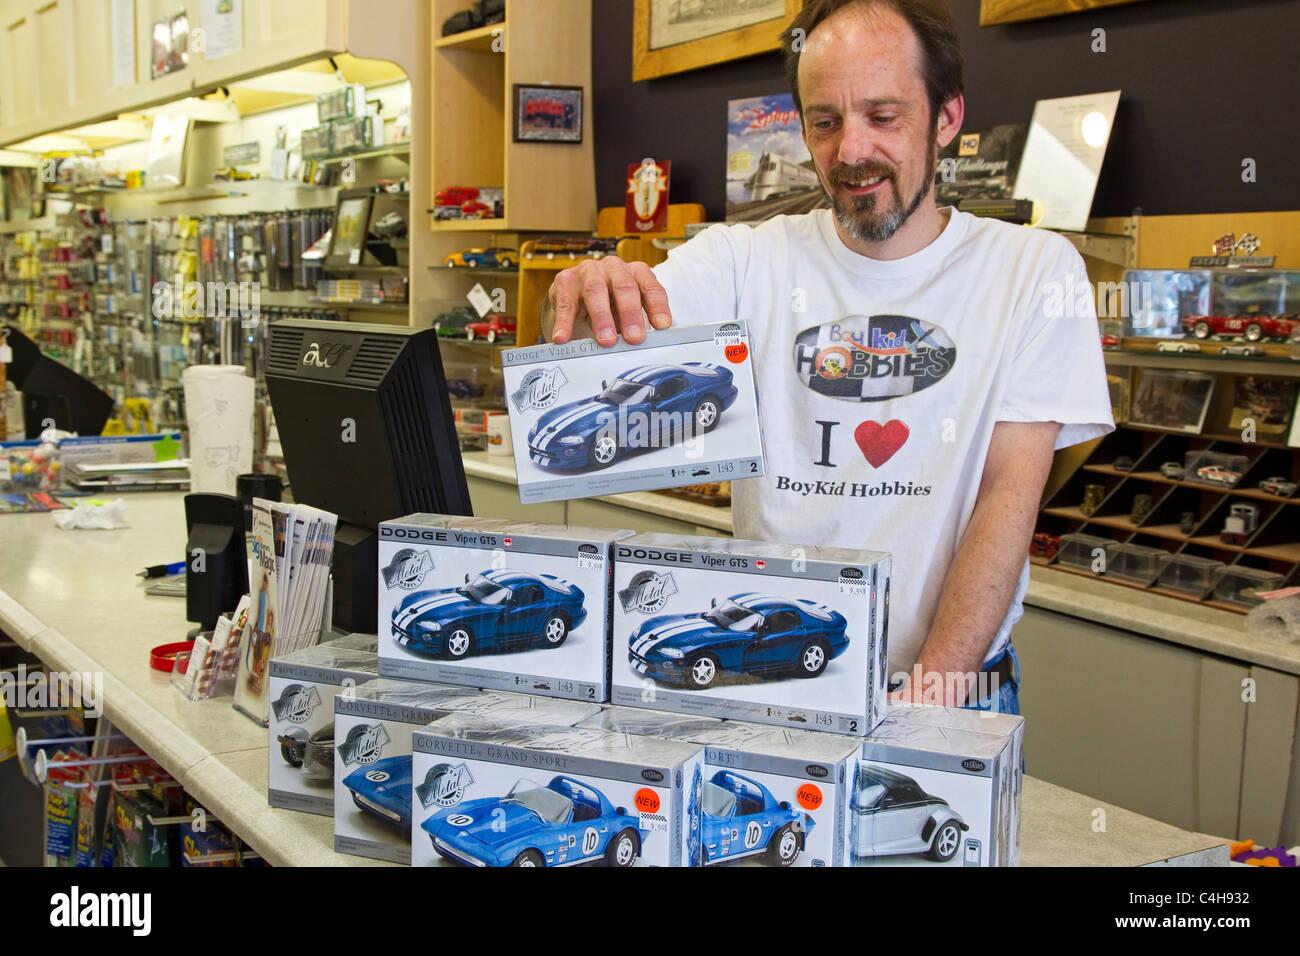 Commis de magasin Hobby voiture modèle empilage des boîtes sur comptoir du magasin Photo Stock